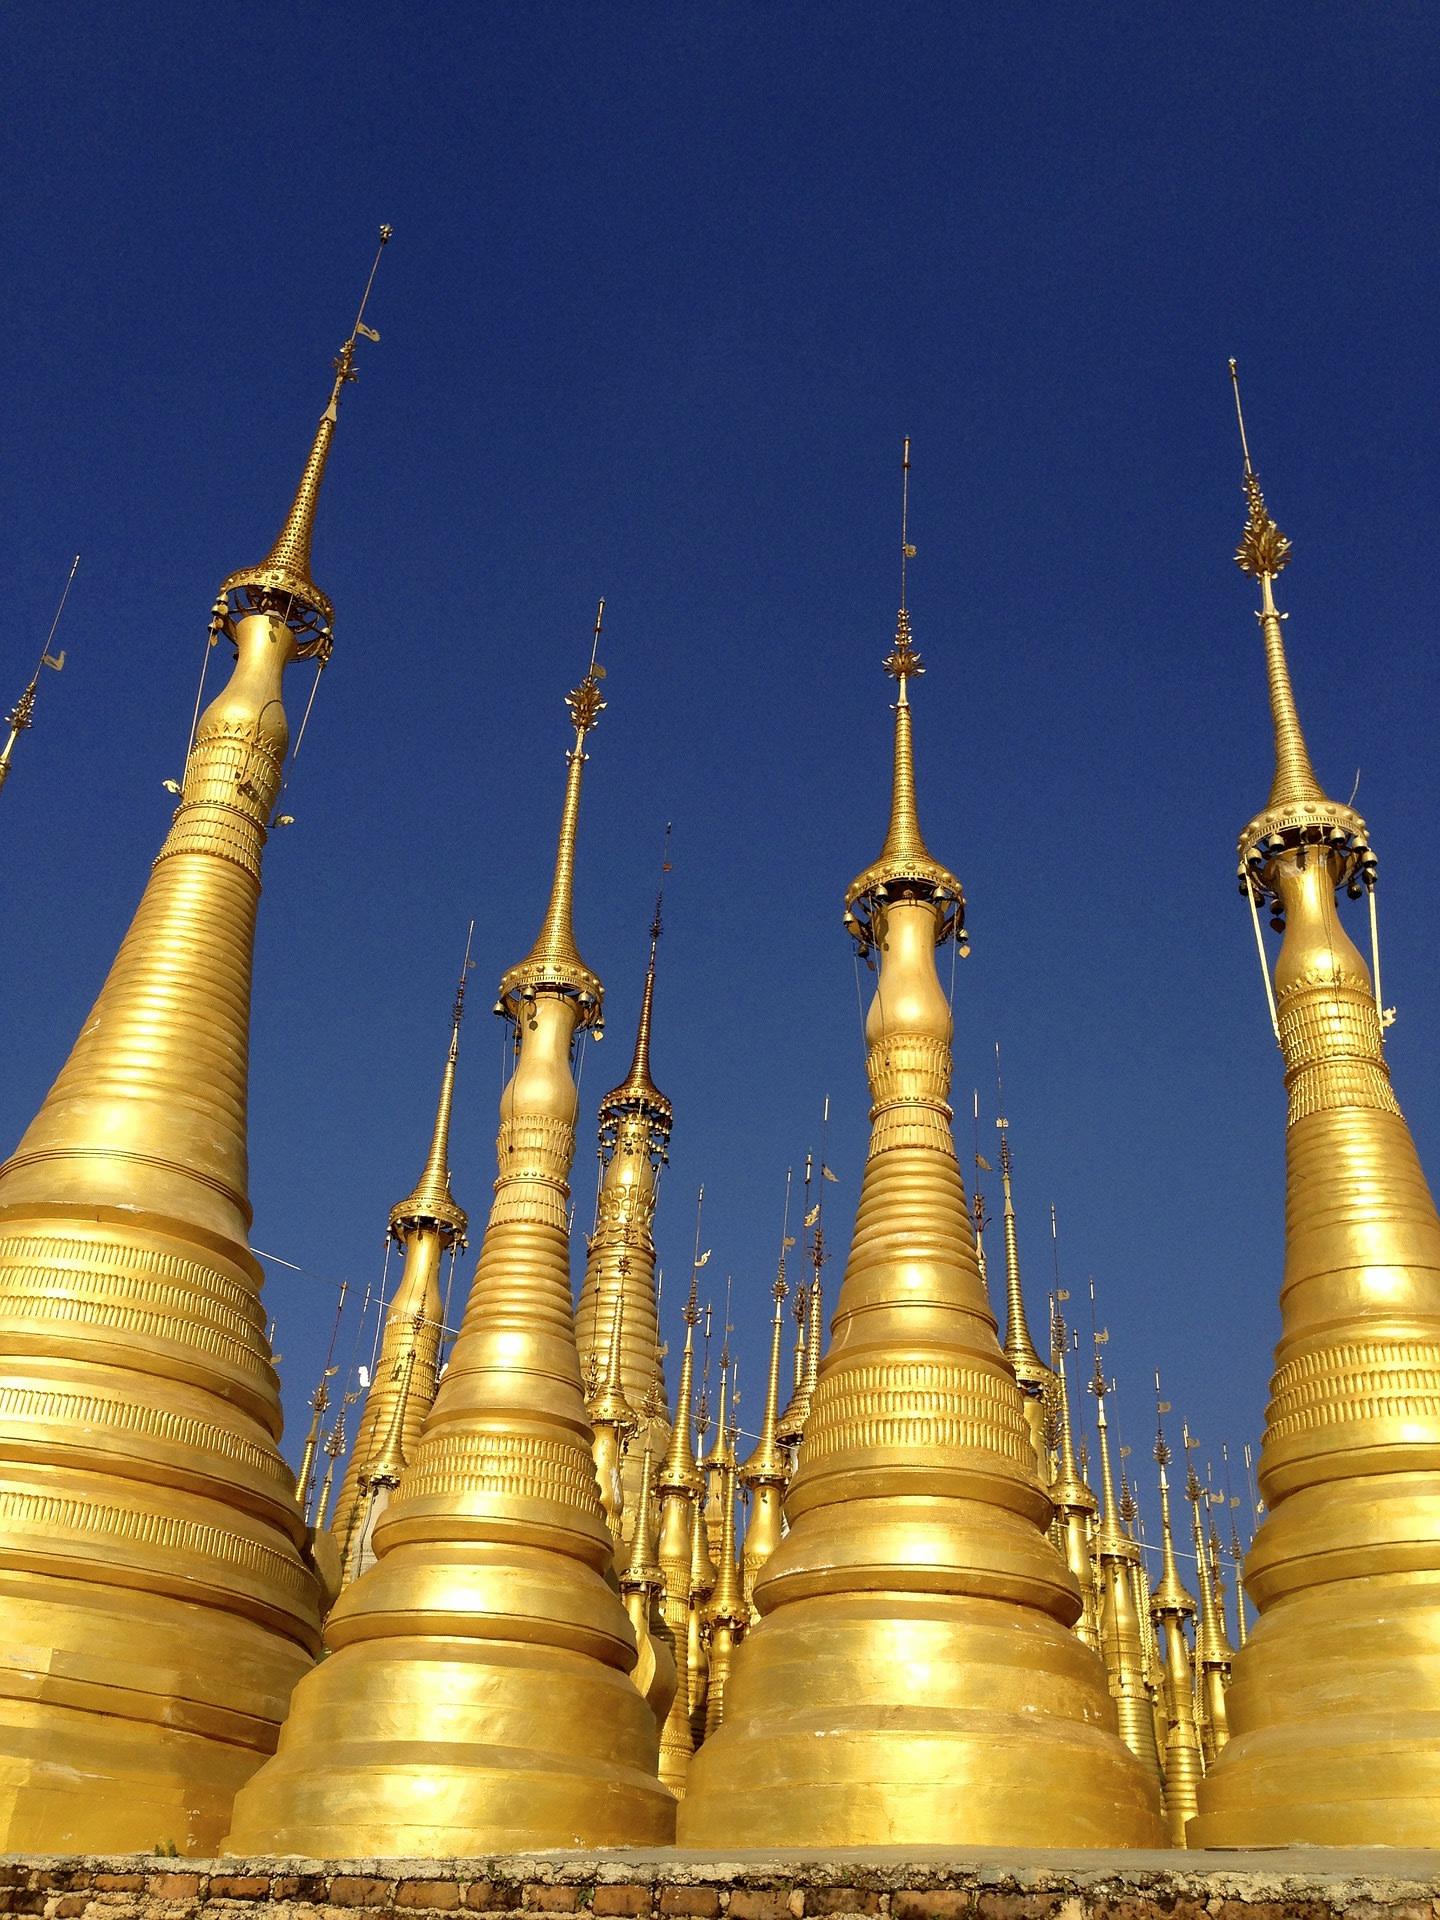 Shwesayan Pagoda